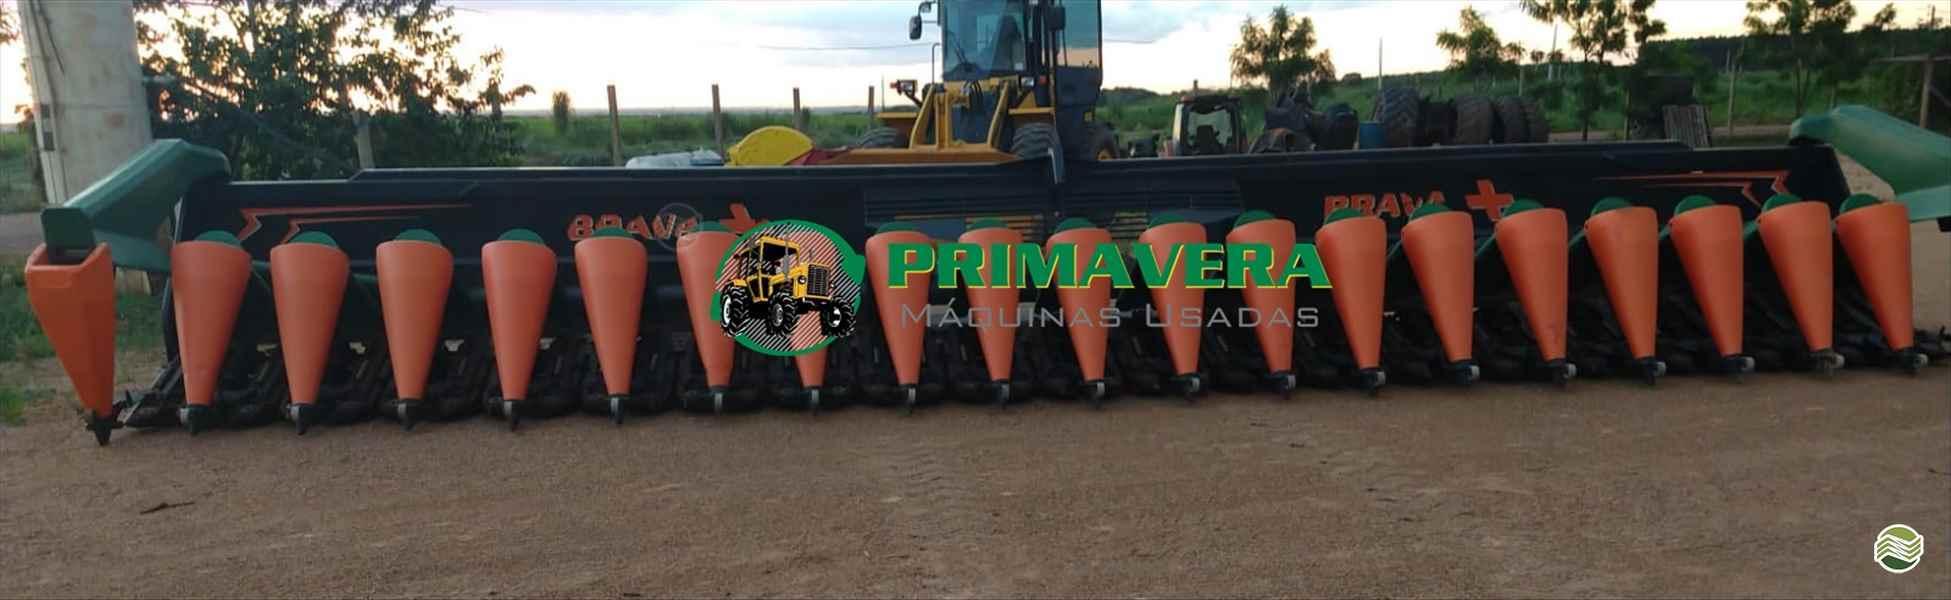 STARA BRAVA 9980  2017/2017 Primavera Máquinas Usadas